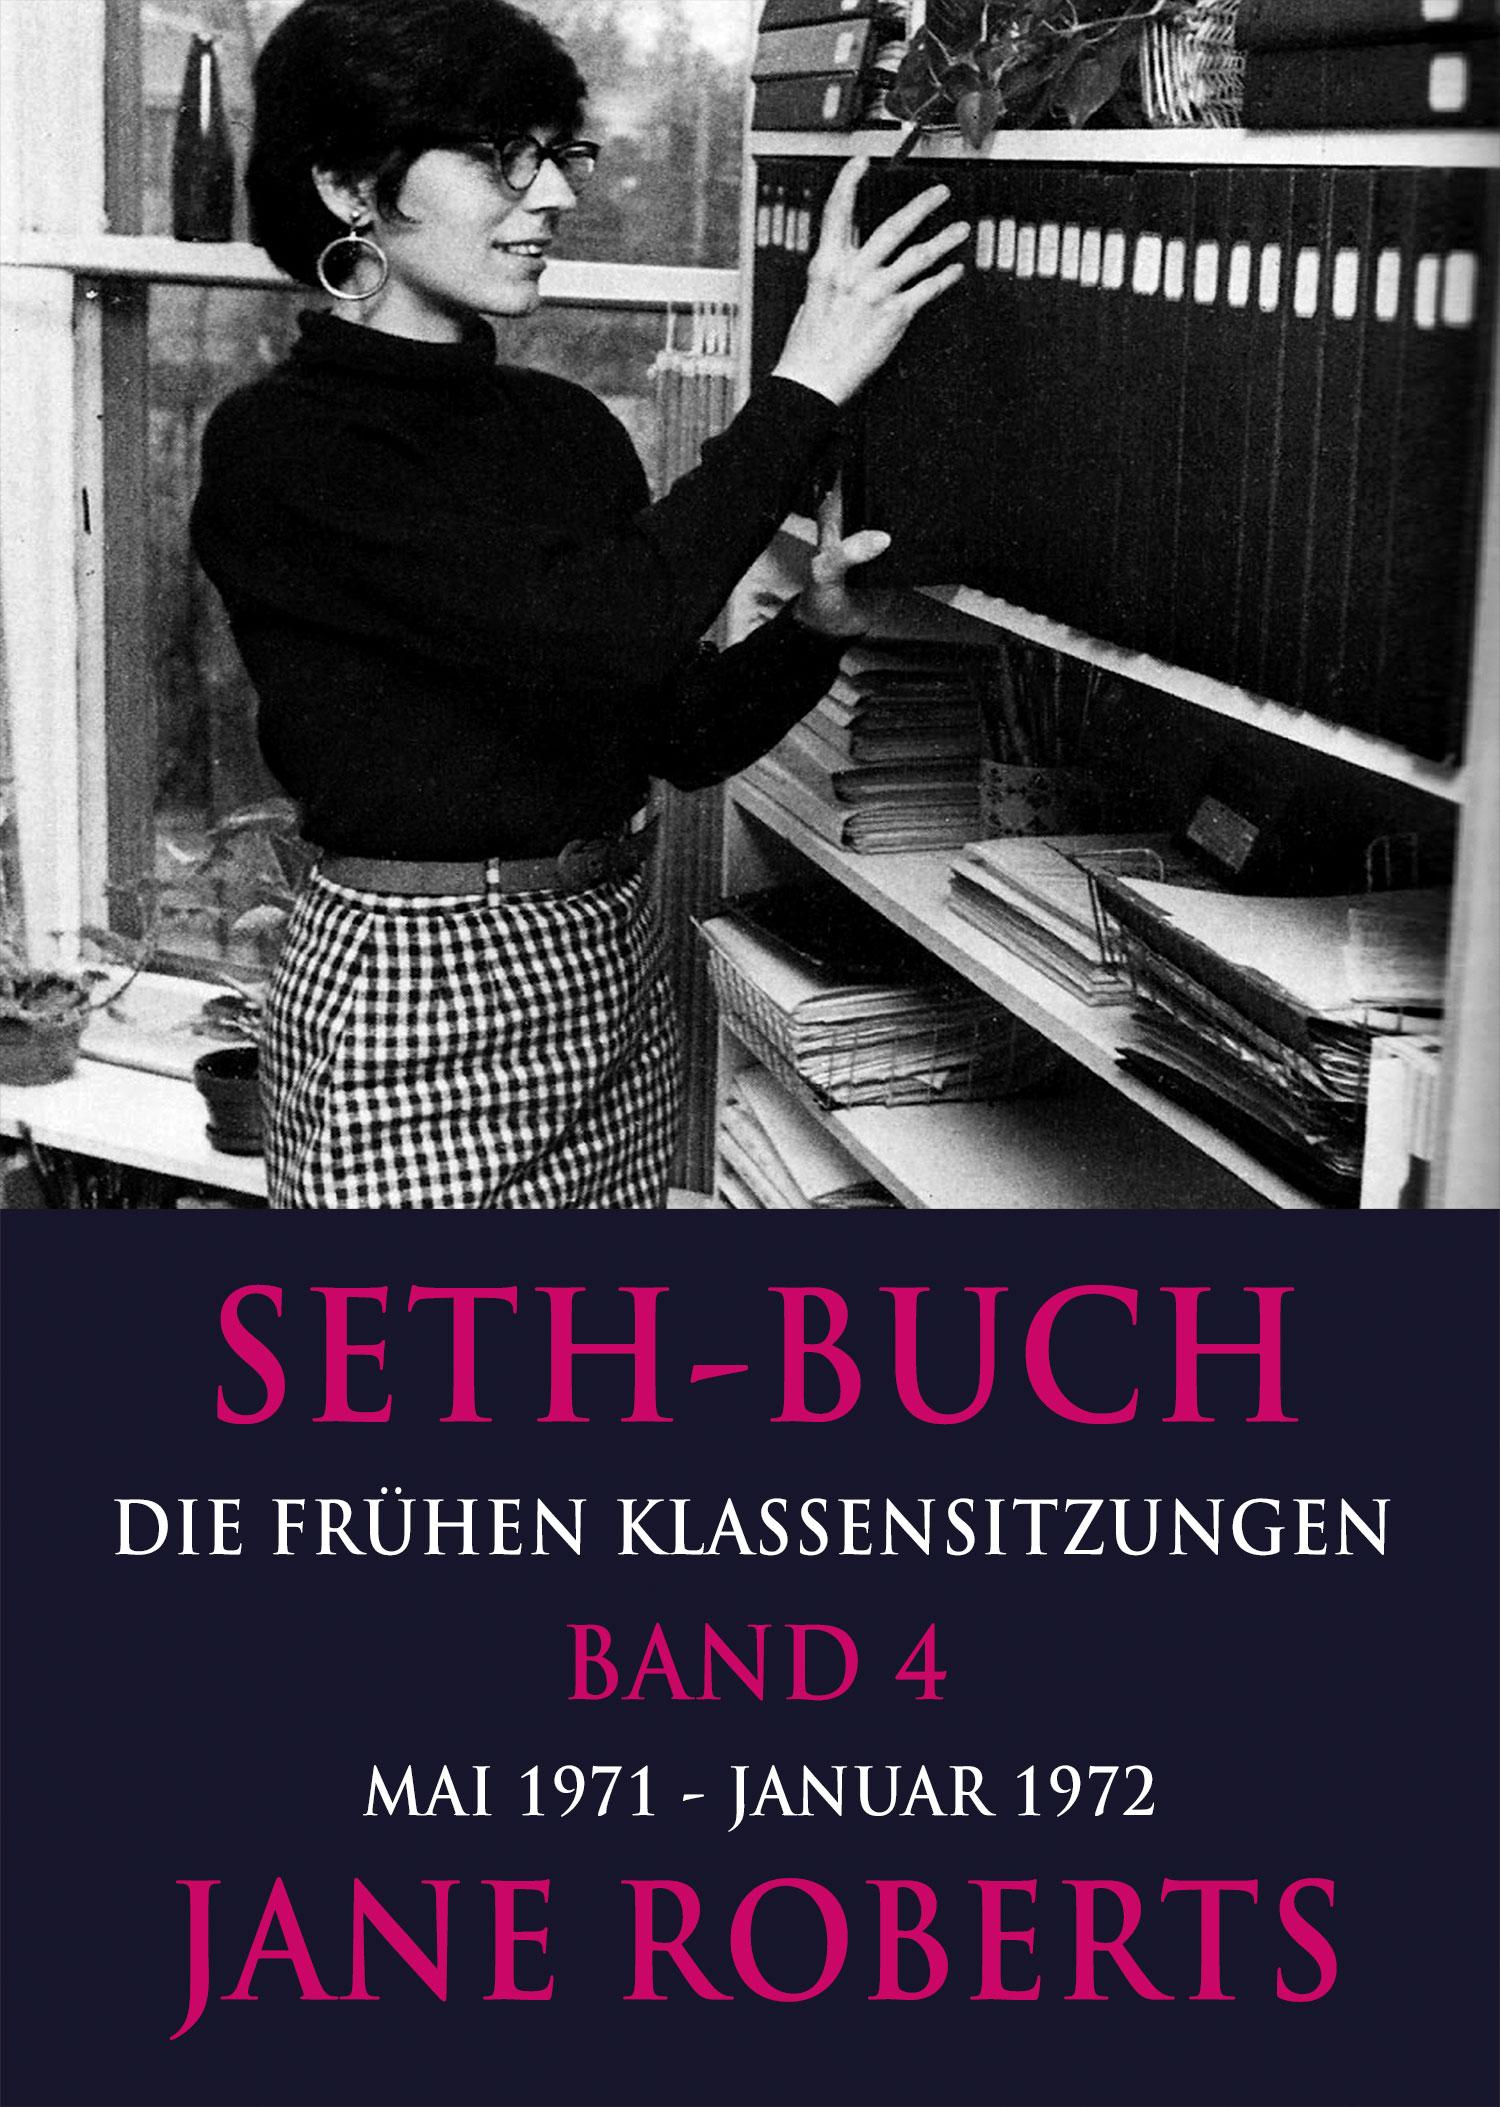 seth-verlag-buecher-die-frühen-klassensitzungen-band-4.jpg